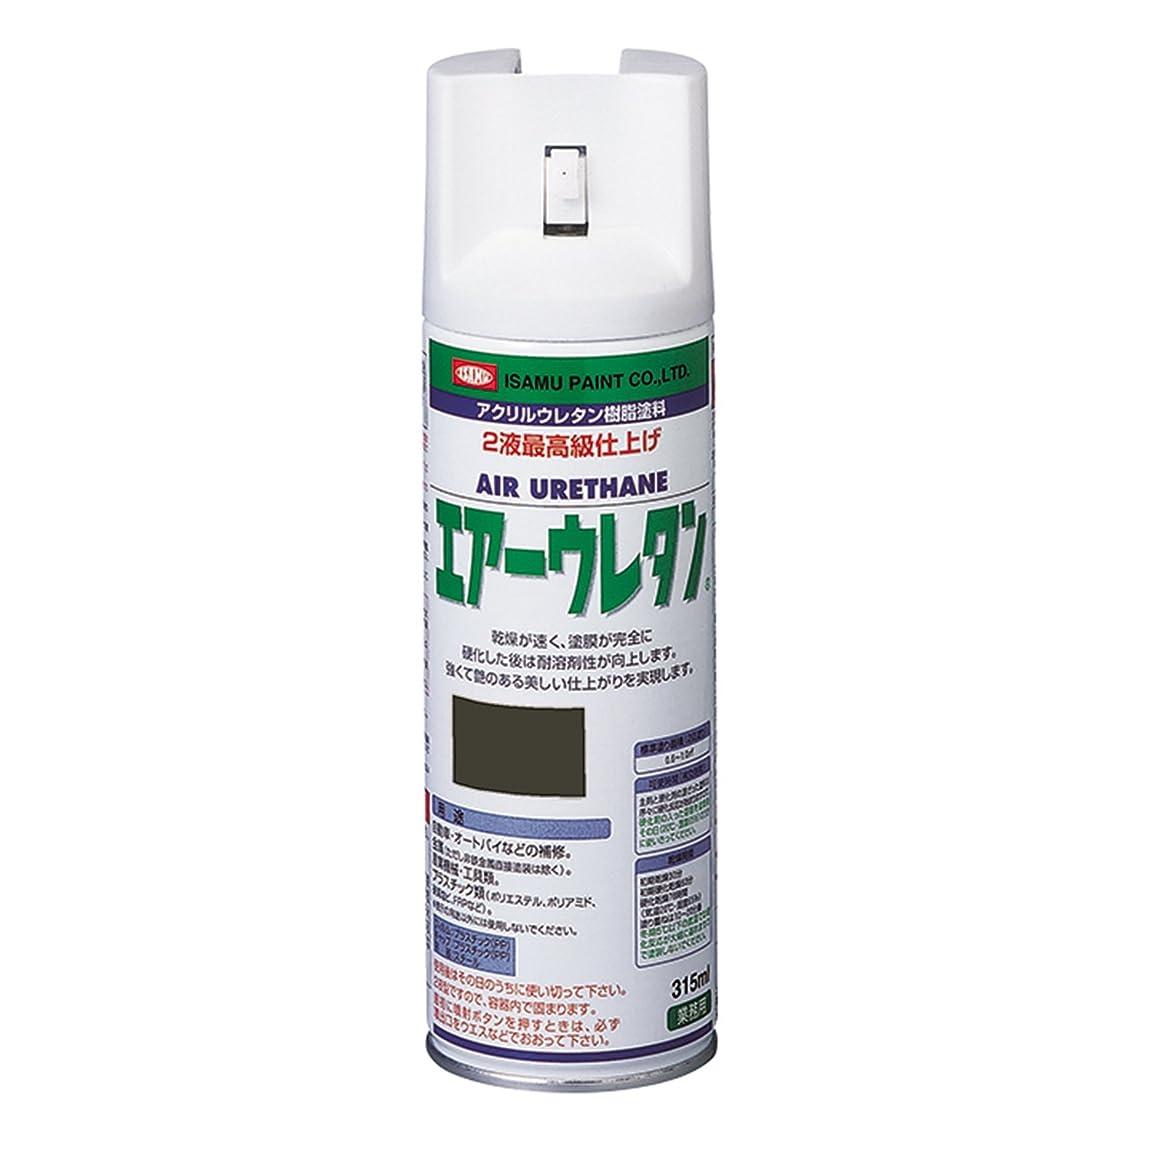 小麦若者再生イサム アクリルウレタン樹脂塗料 エアーウレタン ブラックM 315ml